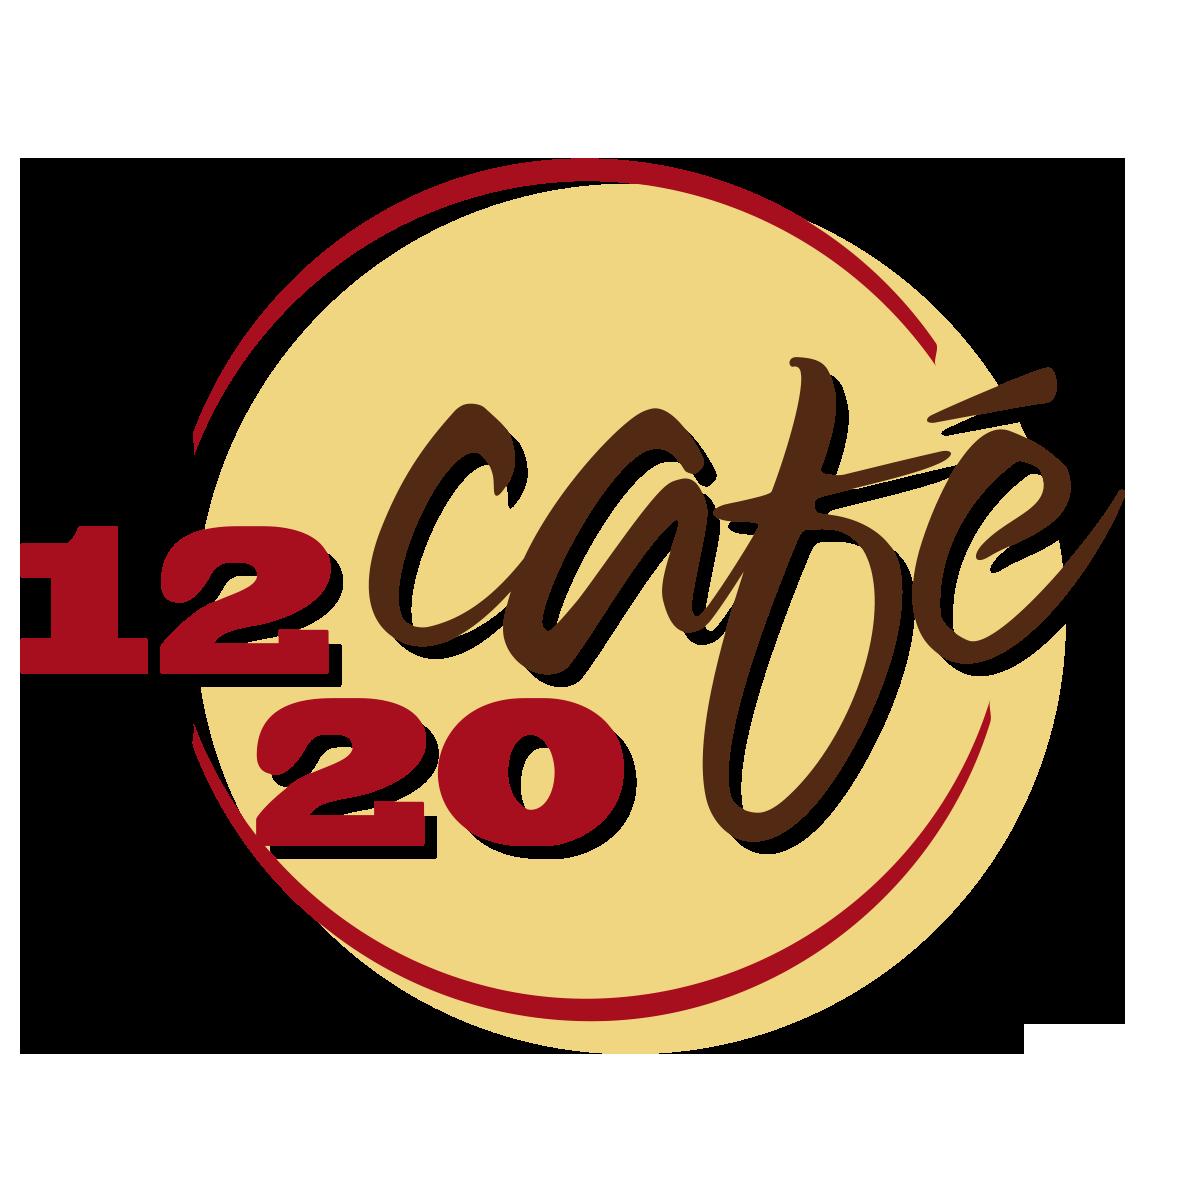 1220 Café